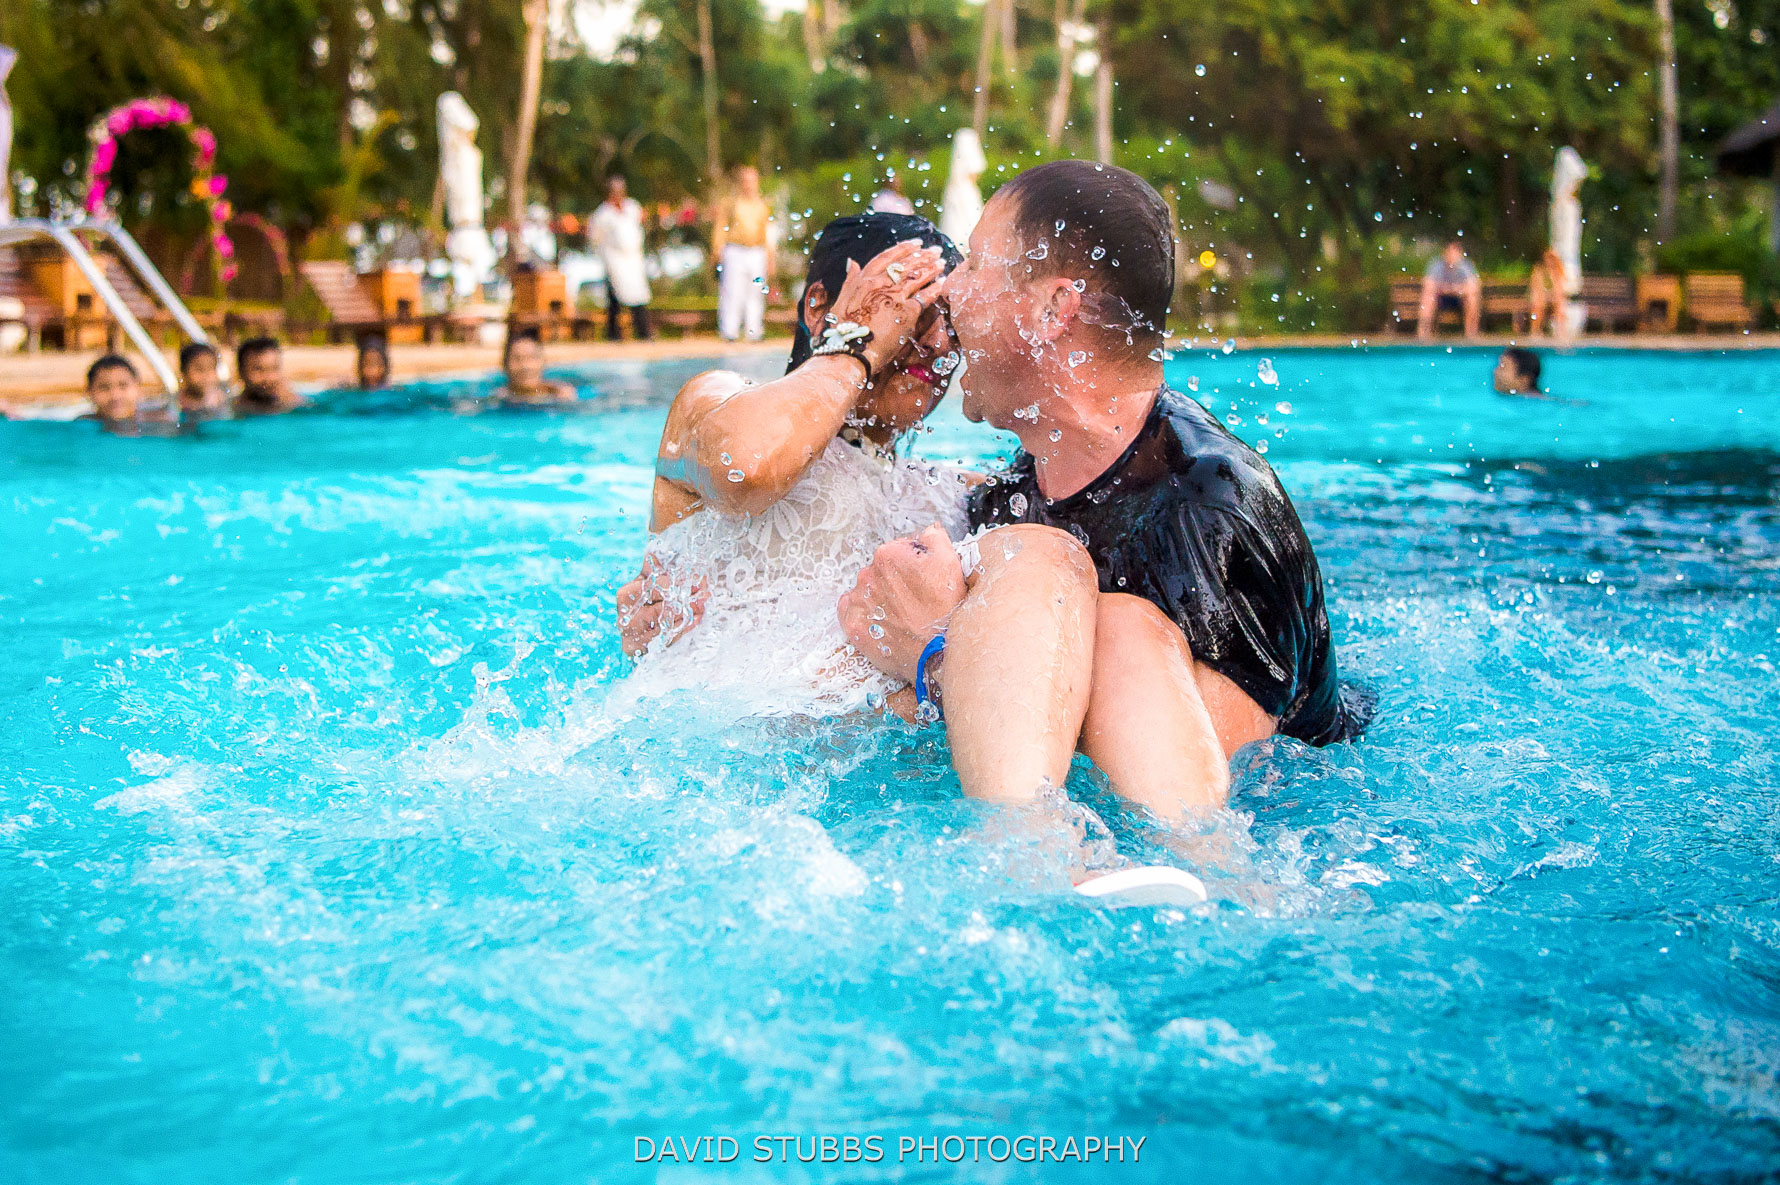 splash camera wet